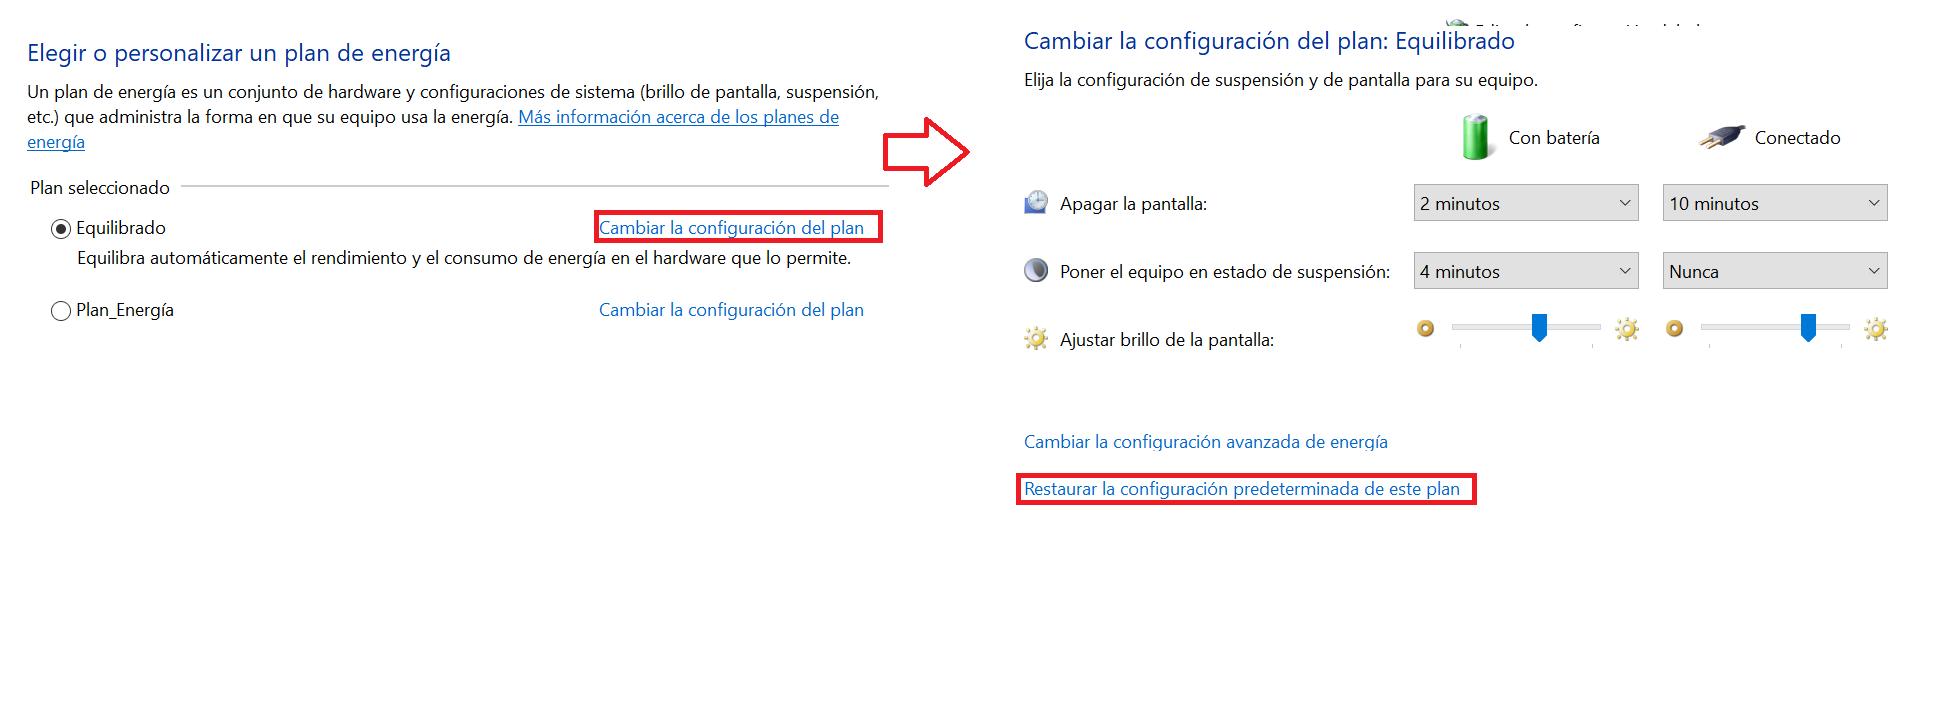 Configurando el plan de energía en Windows.